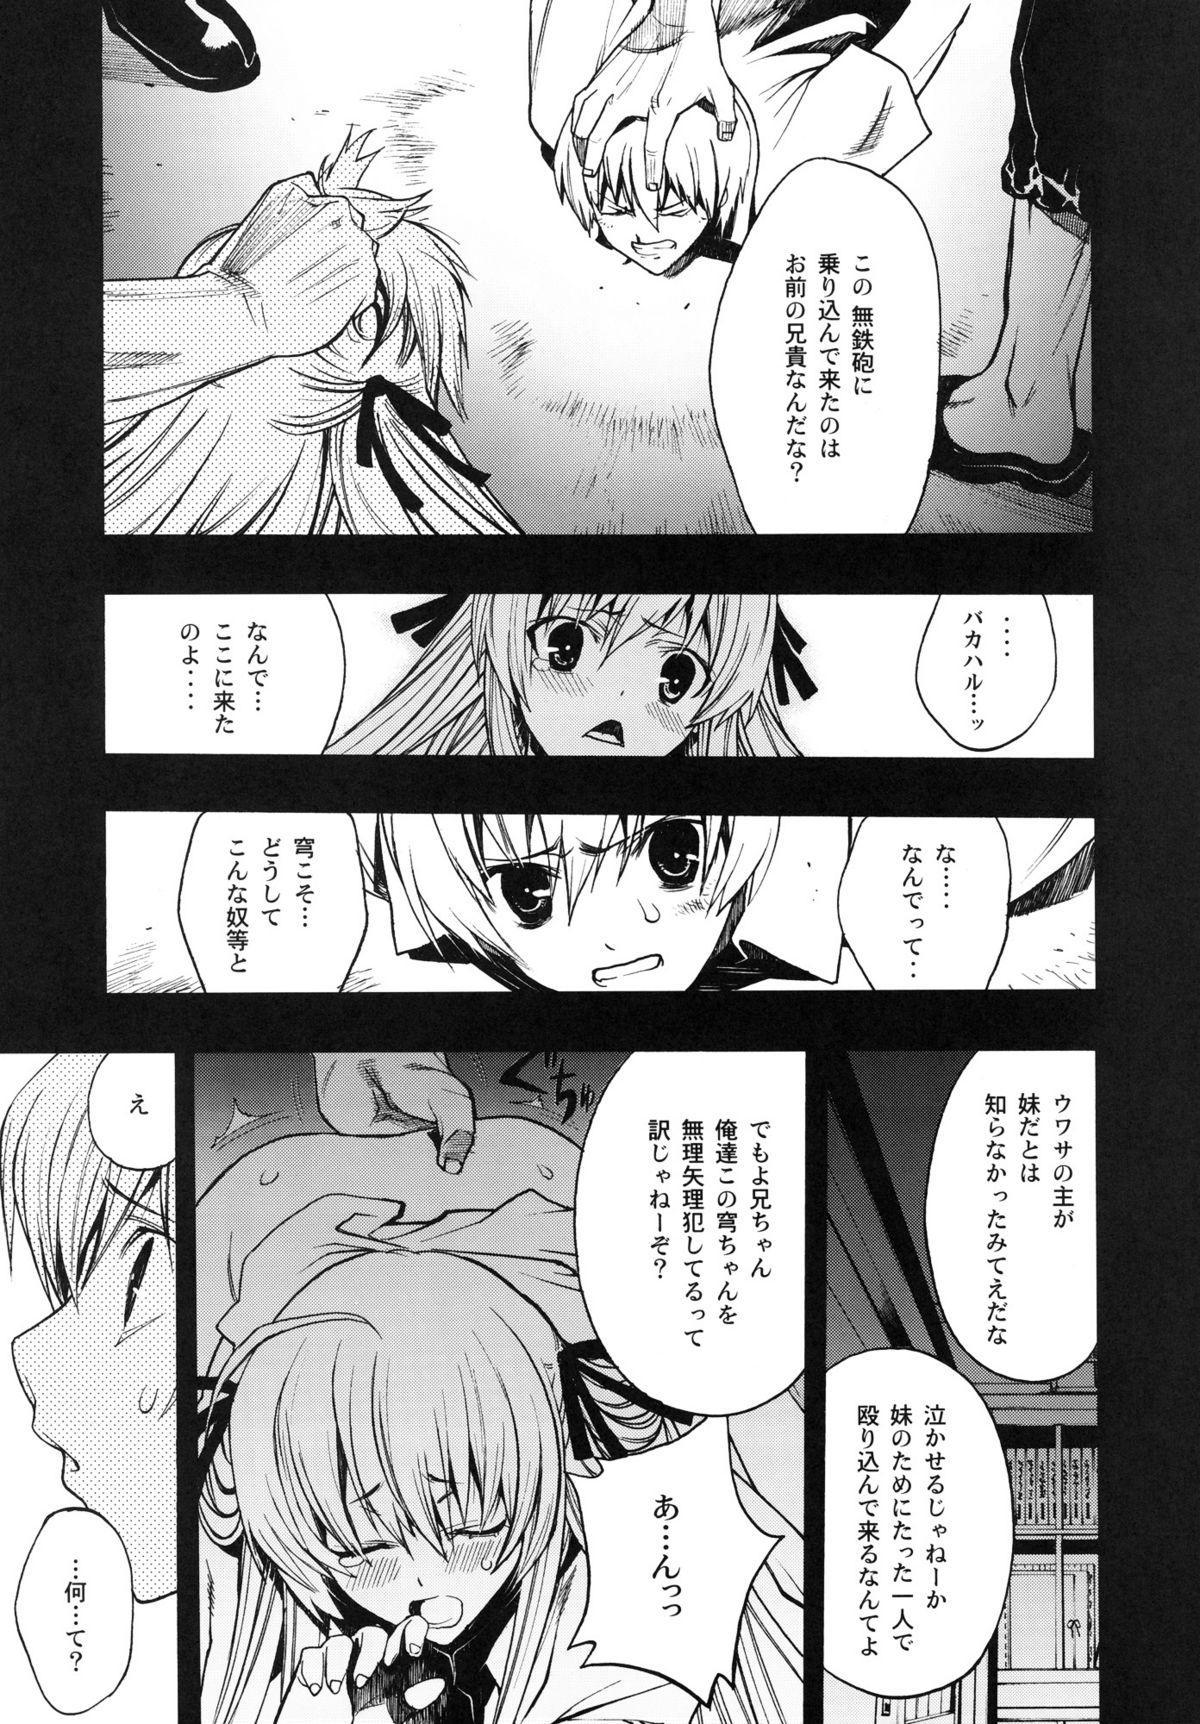 Yosuka no Yoru 9